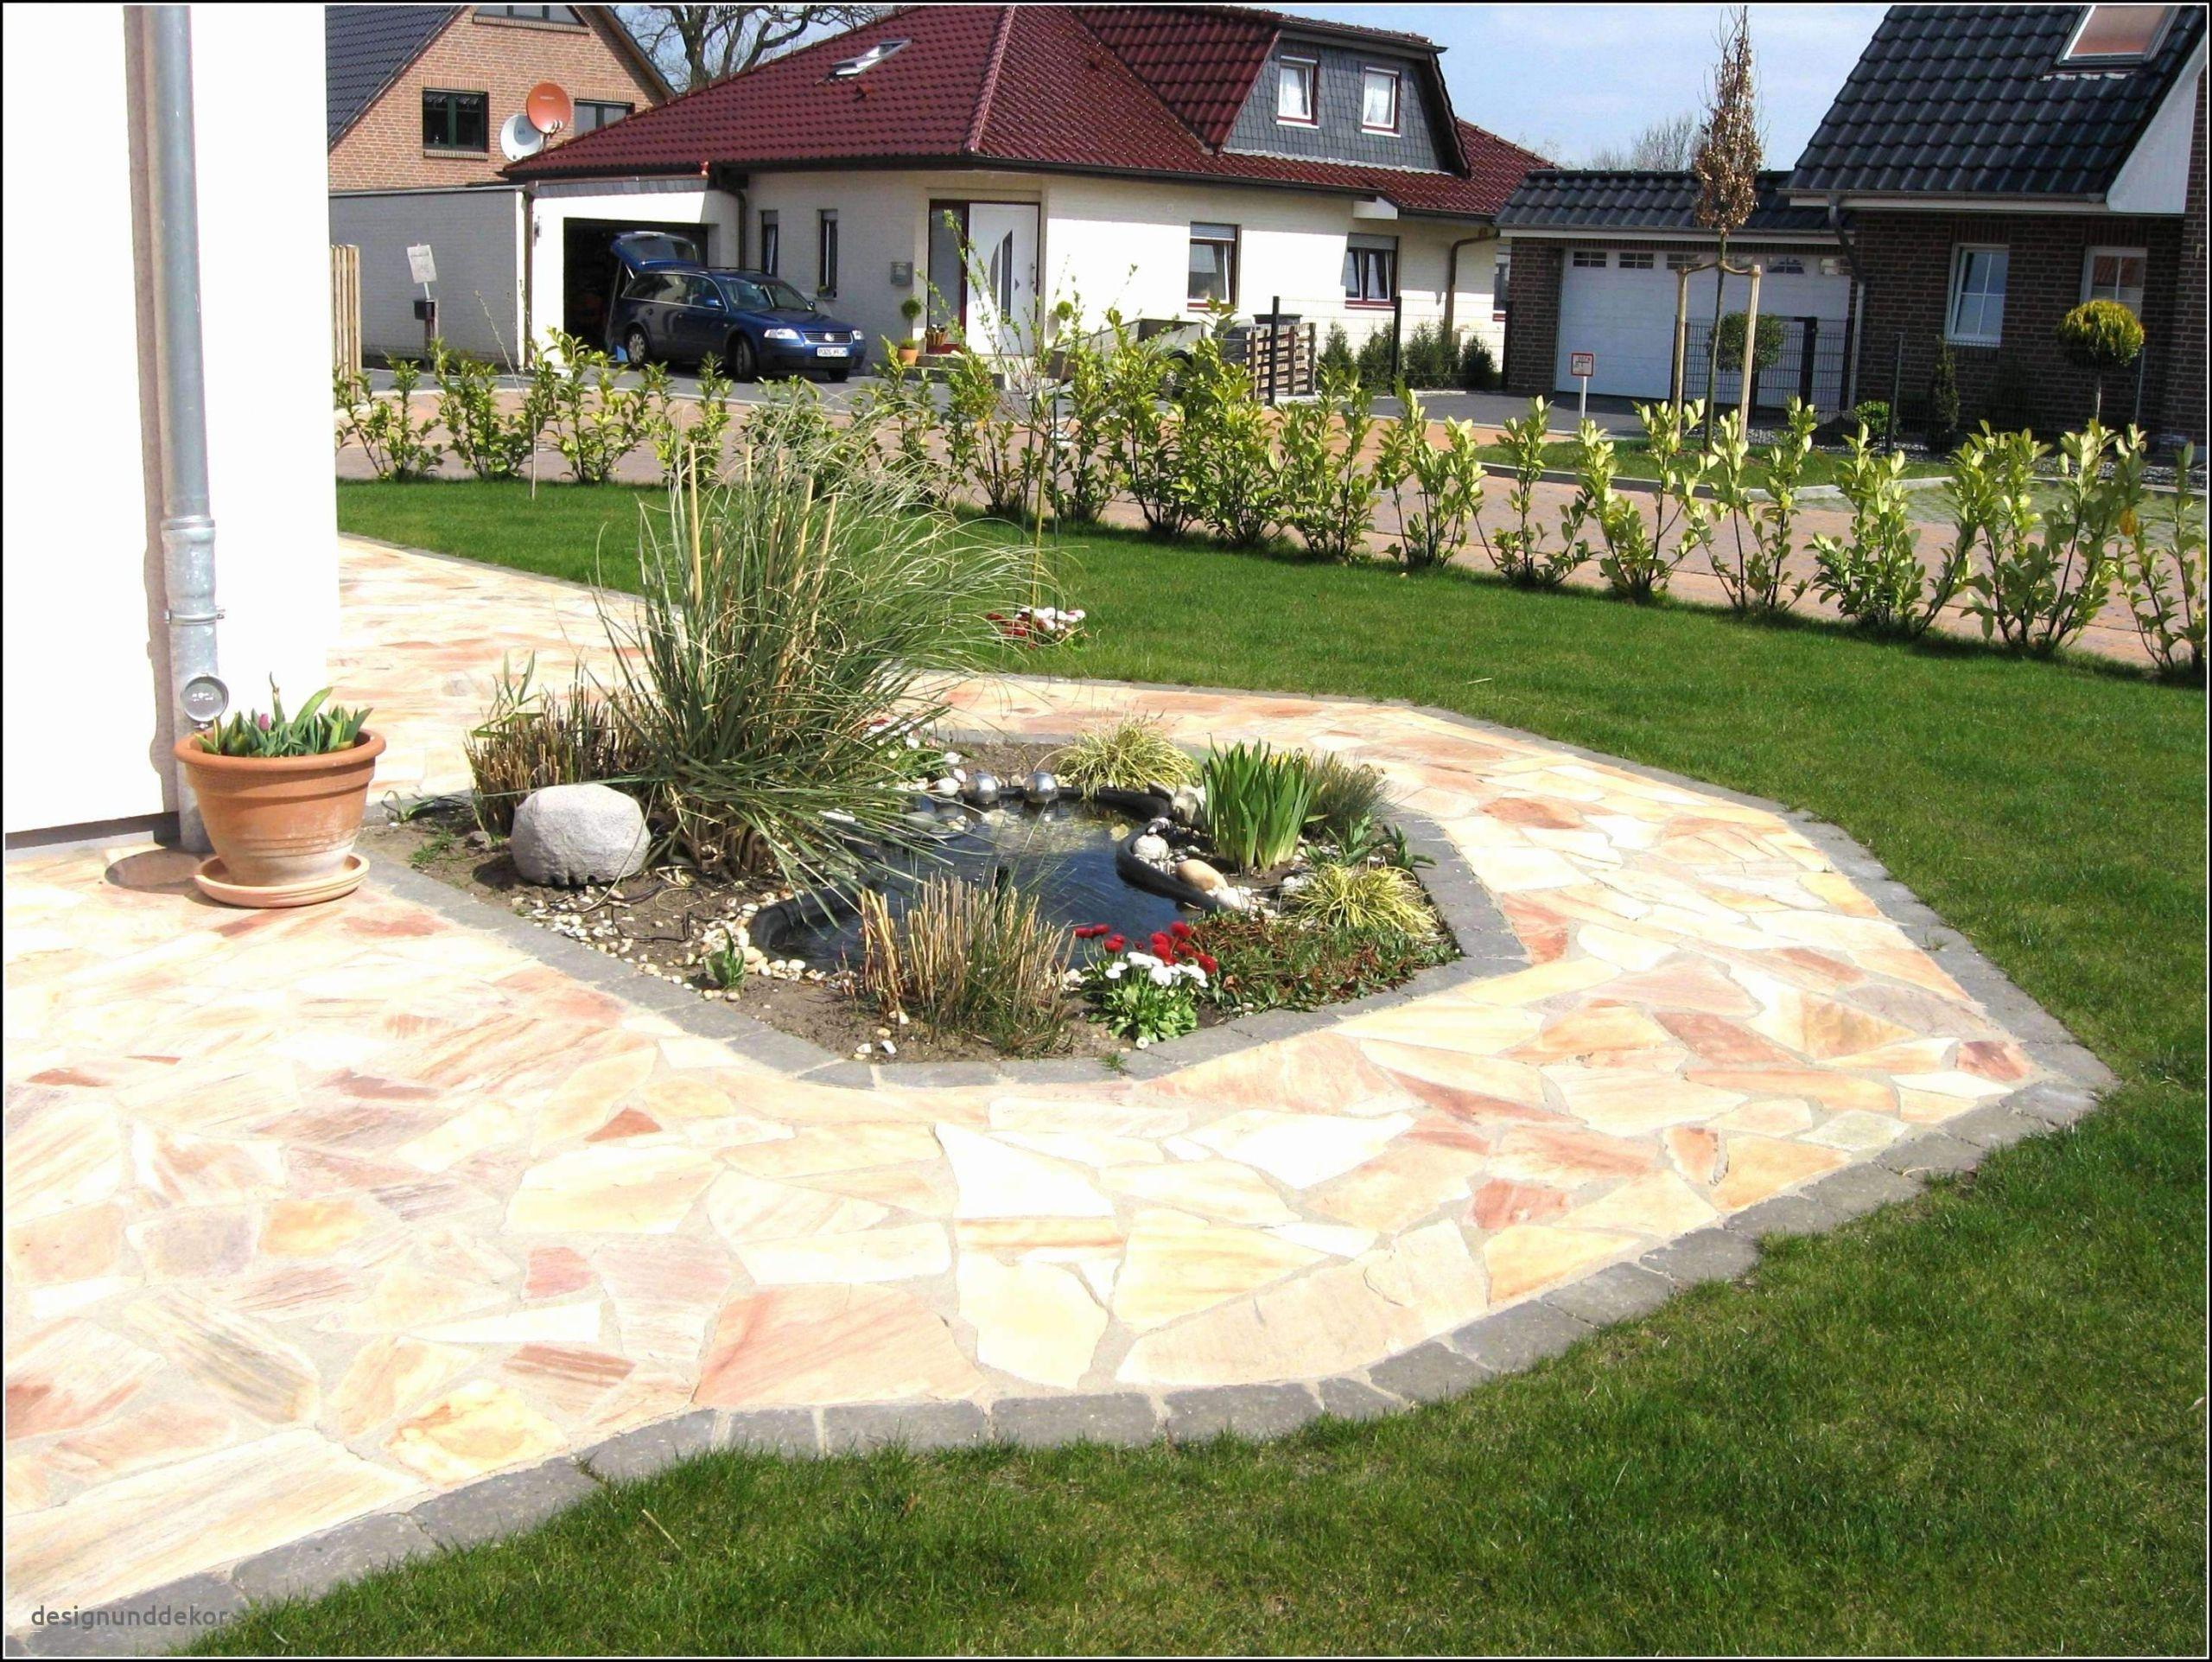 Garten Gestalten Luxus 37 Einzigartig Garten Gestalten Mit Pflanzsteinen Elegant